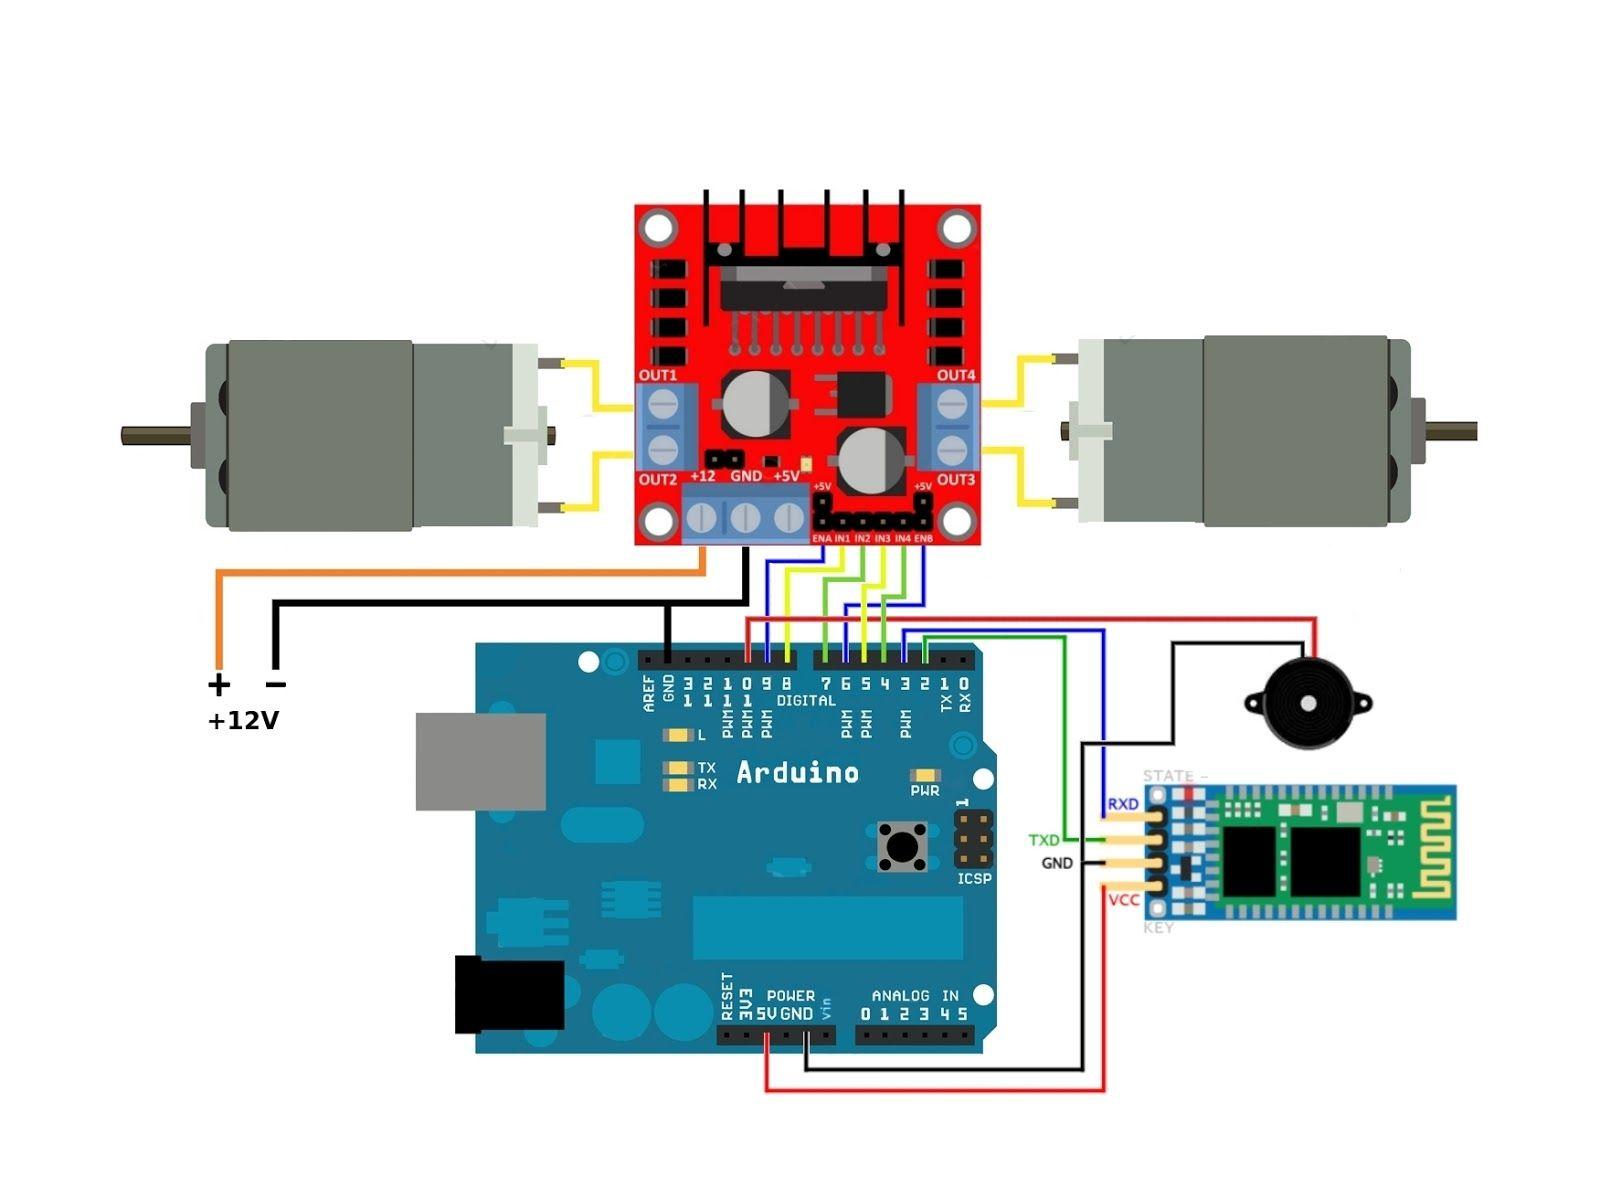 Circuito Emisor Receptor : Hc en arduino con este emisor receptor he construido este